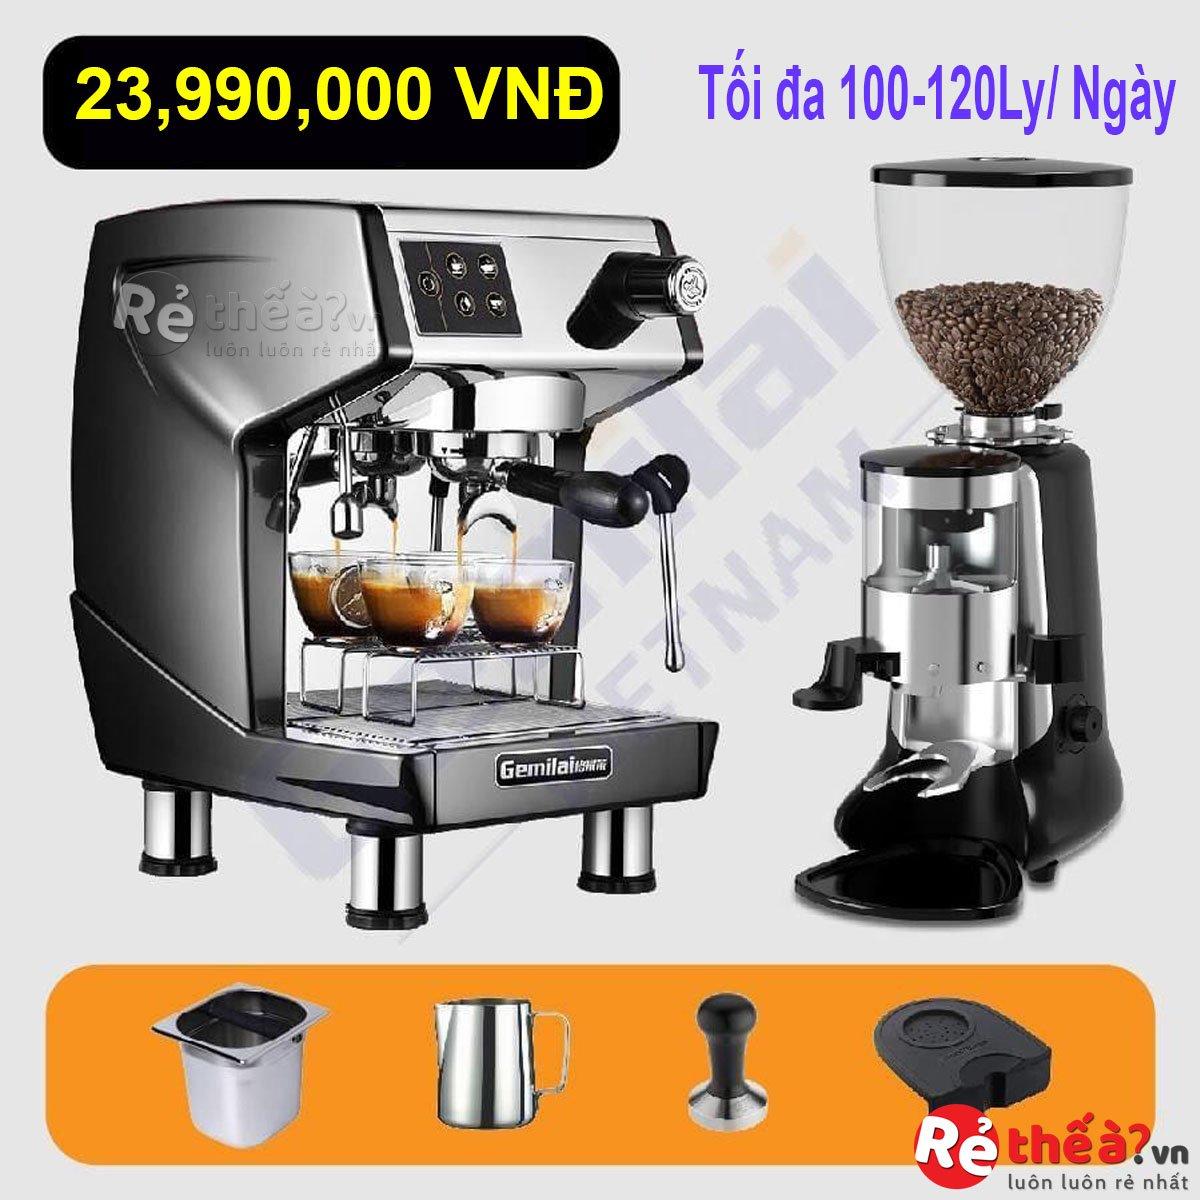 Combo máy pha cà phê GEMILAI CRM-3200D và Máy xay cà phê HC600